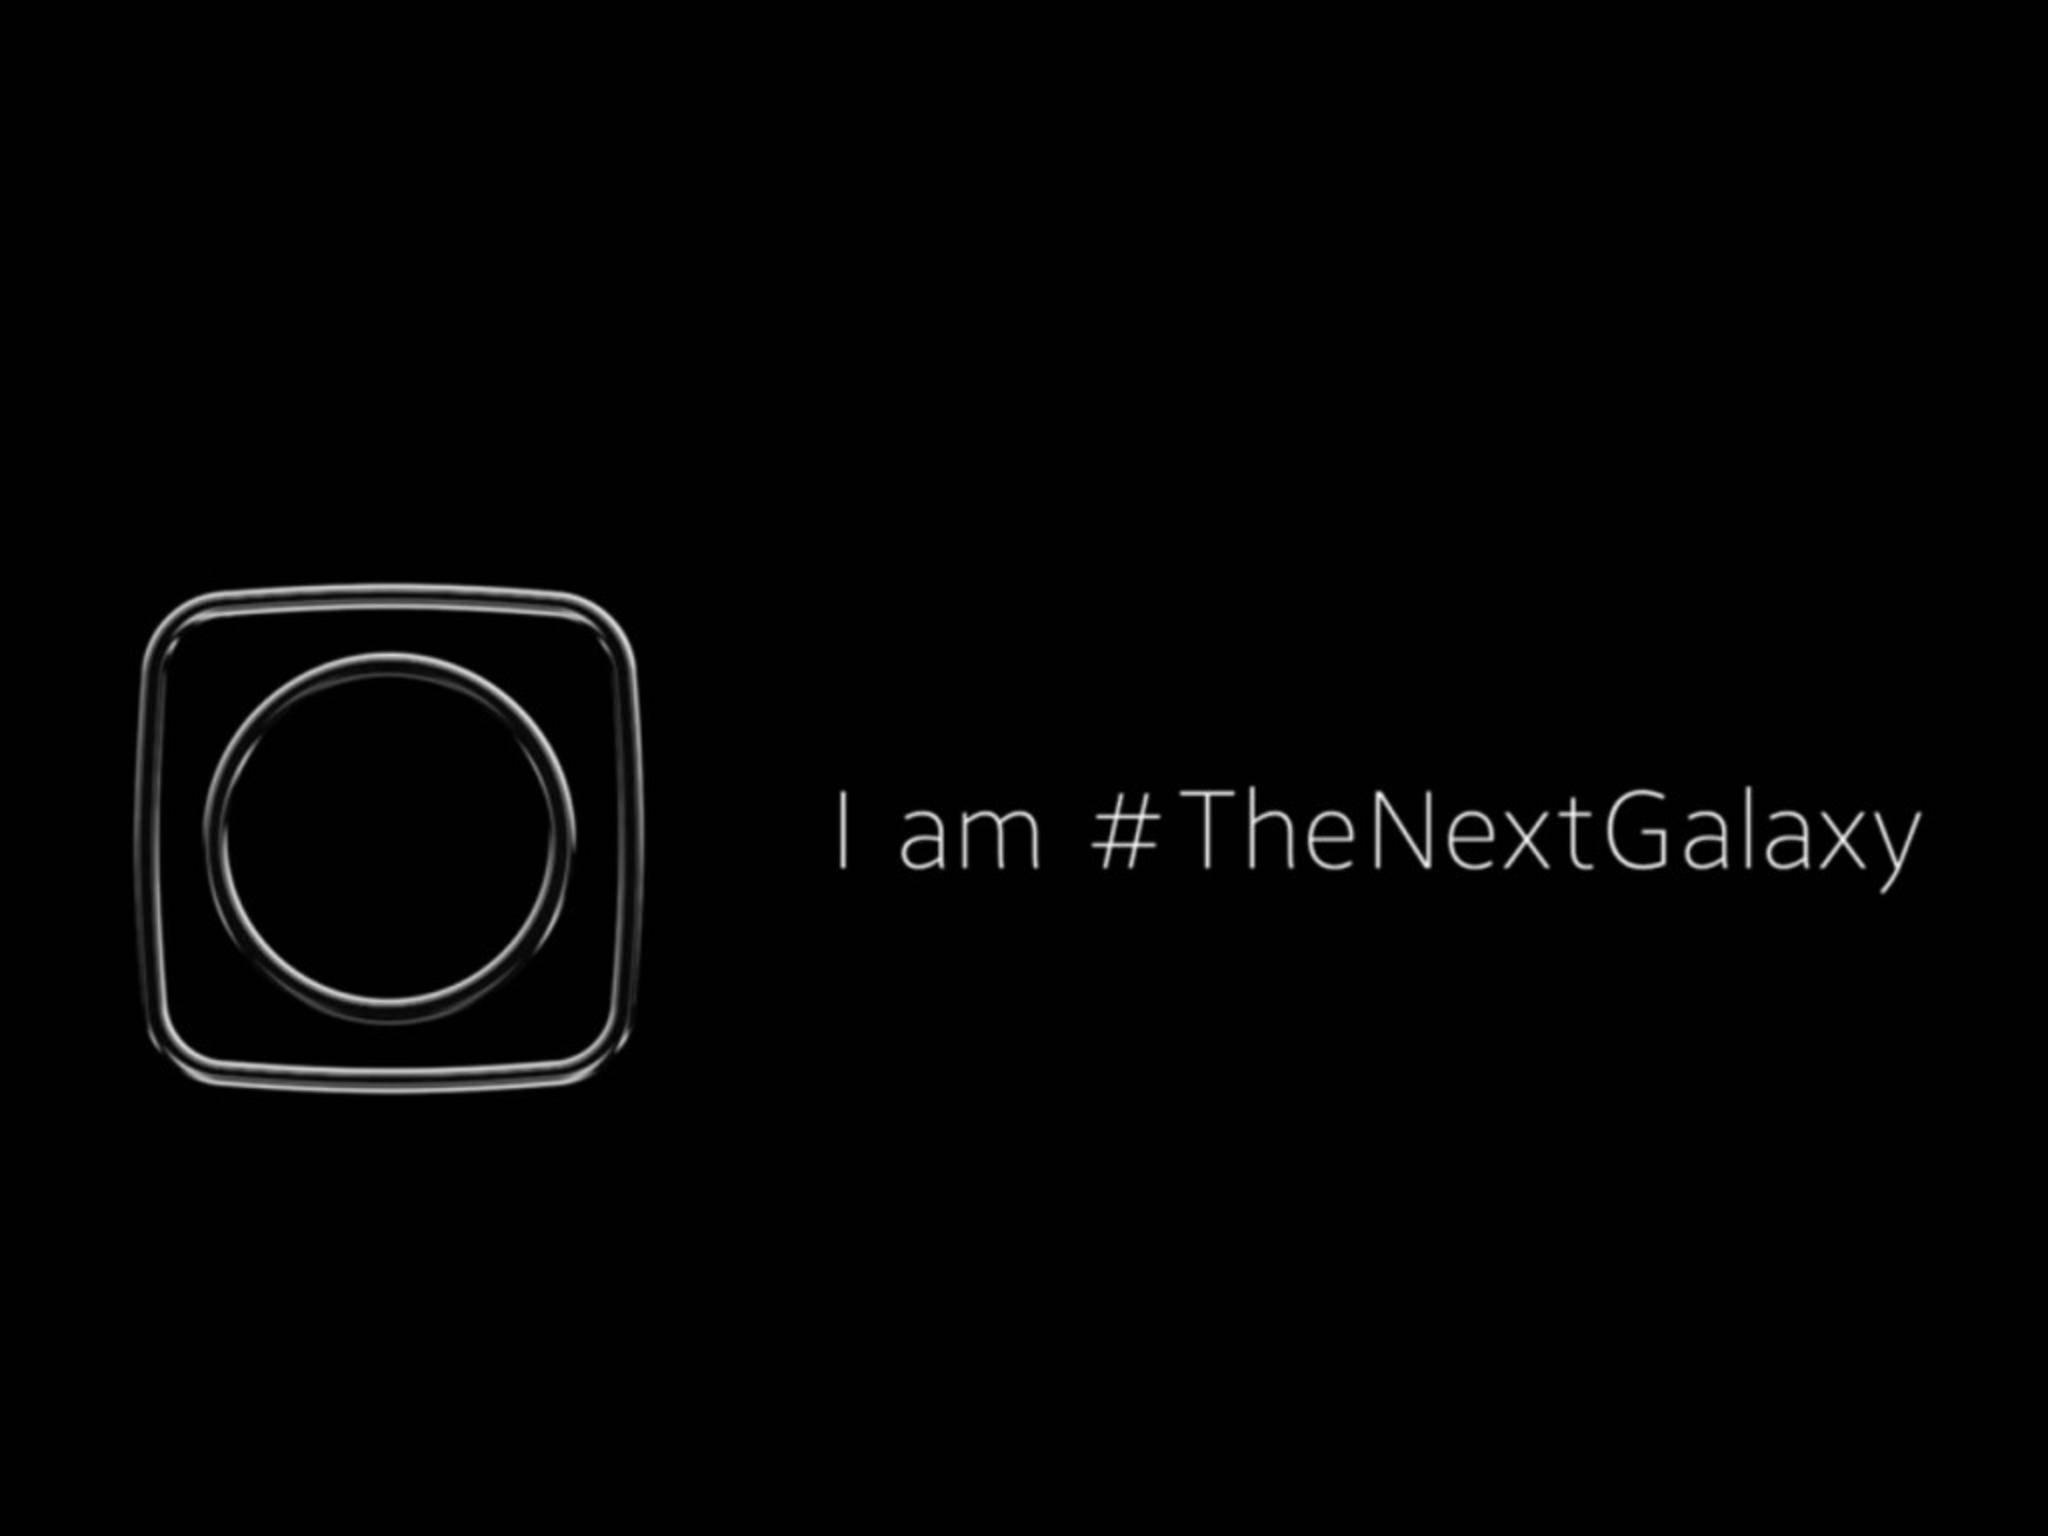 Die offiziellen Teaser und Andeutungen zum das Galaxy S6 häufen sich.